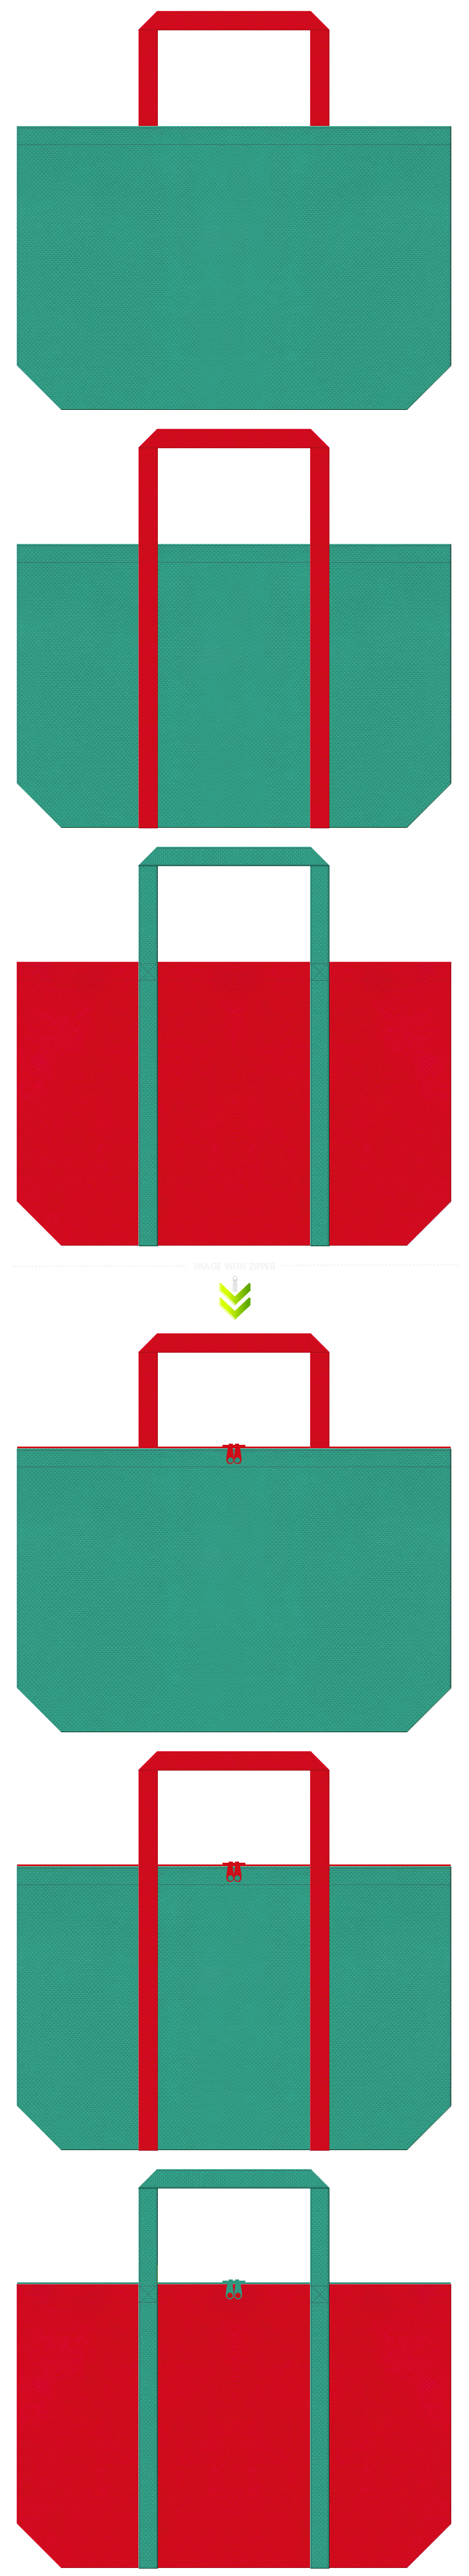 青緑色と紅色の不織布エコバッグのデザイン。スイカ風の配色です。